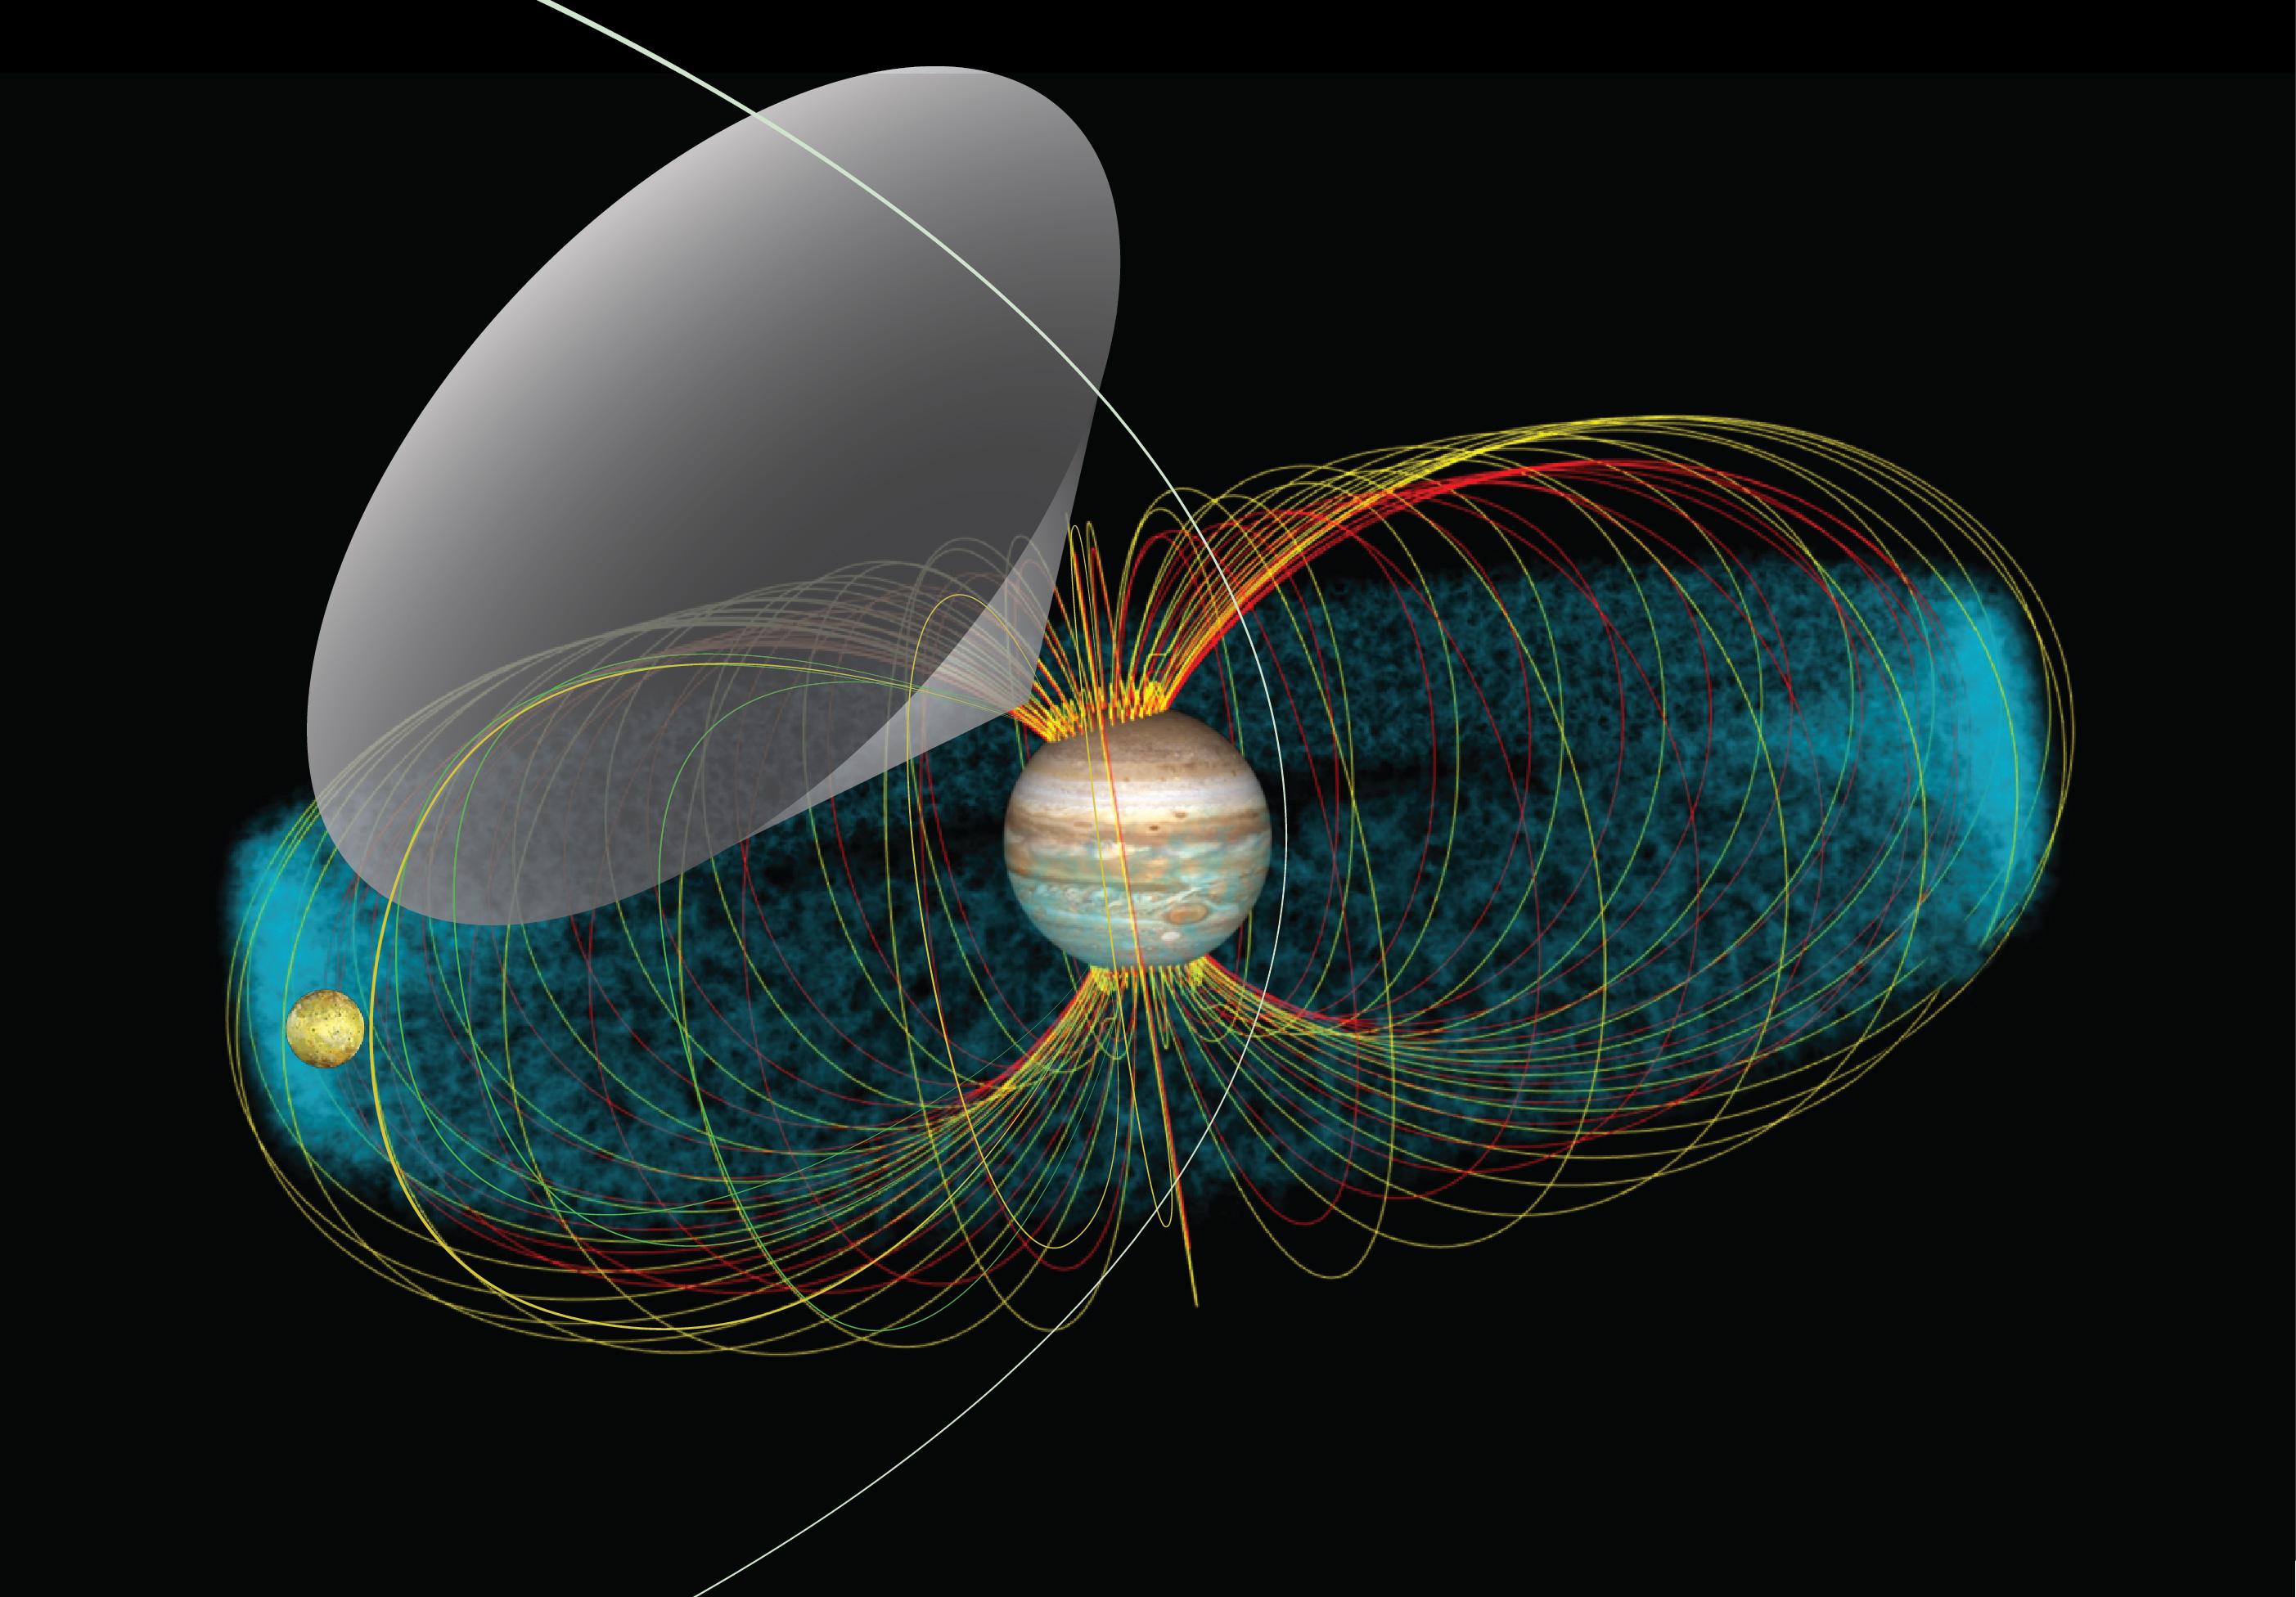 Вчені NASA записали дивні звуки, які виходять від супутника Юпітера (ВІДЕО) - фото 2